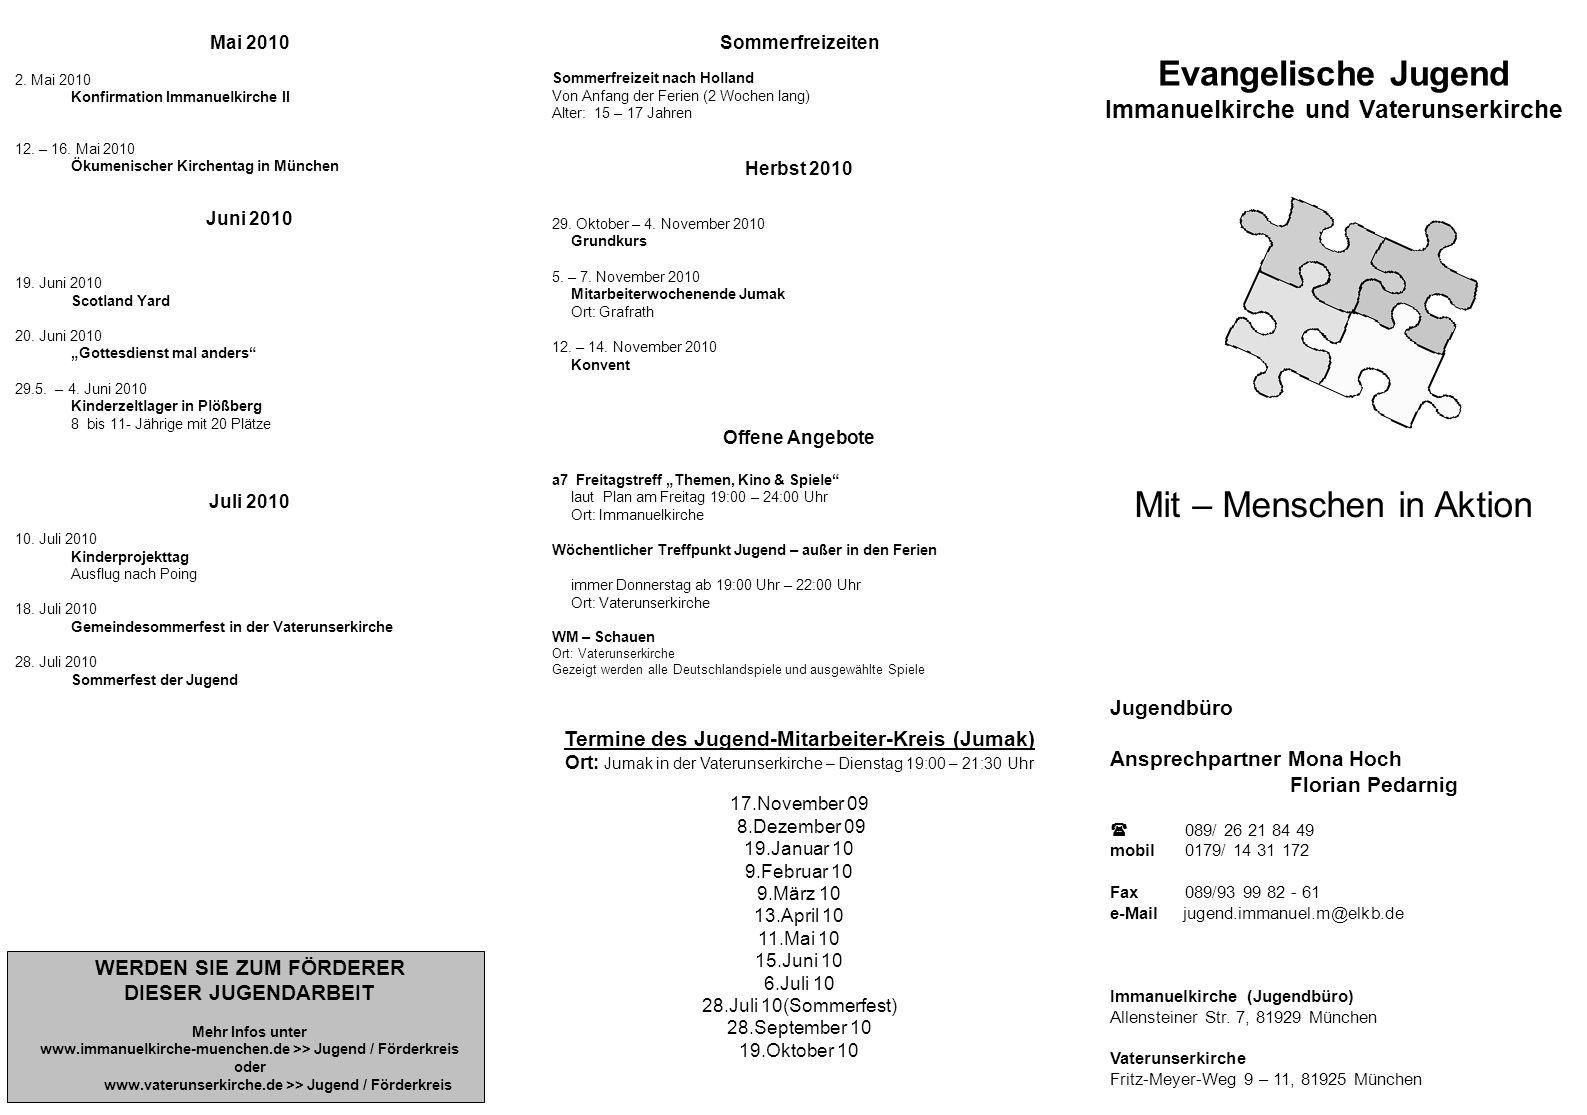 Mai 2010 2. Mai 2010 Konfirmation Immanuelkirche II 12. – 16. Mai 2010 Ökumenischer Kirchentag in München Juni 2010 19. Juni 2010 Scotland Yard 20. Ju